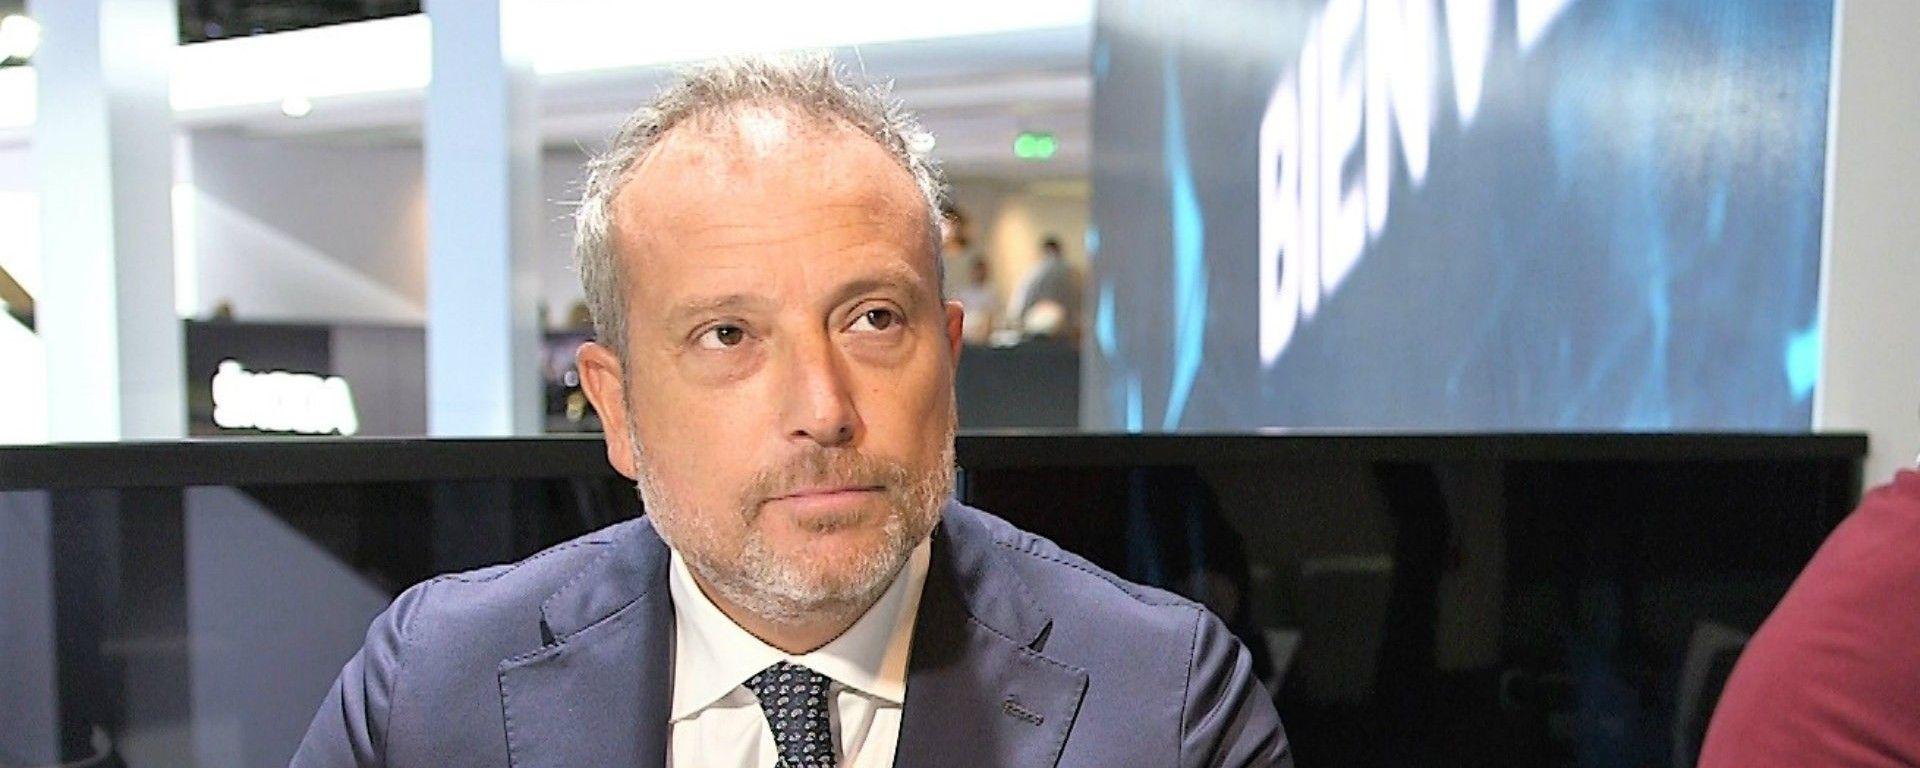 Le novità Skoda raccontate da Francesco Cimmino, Direttore Skoda Italia